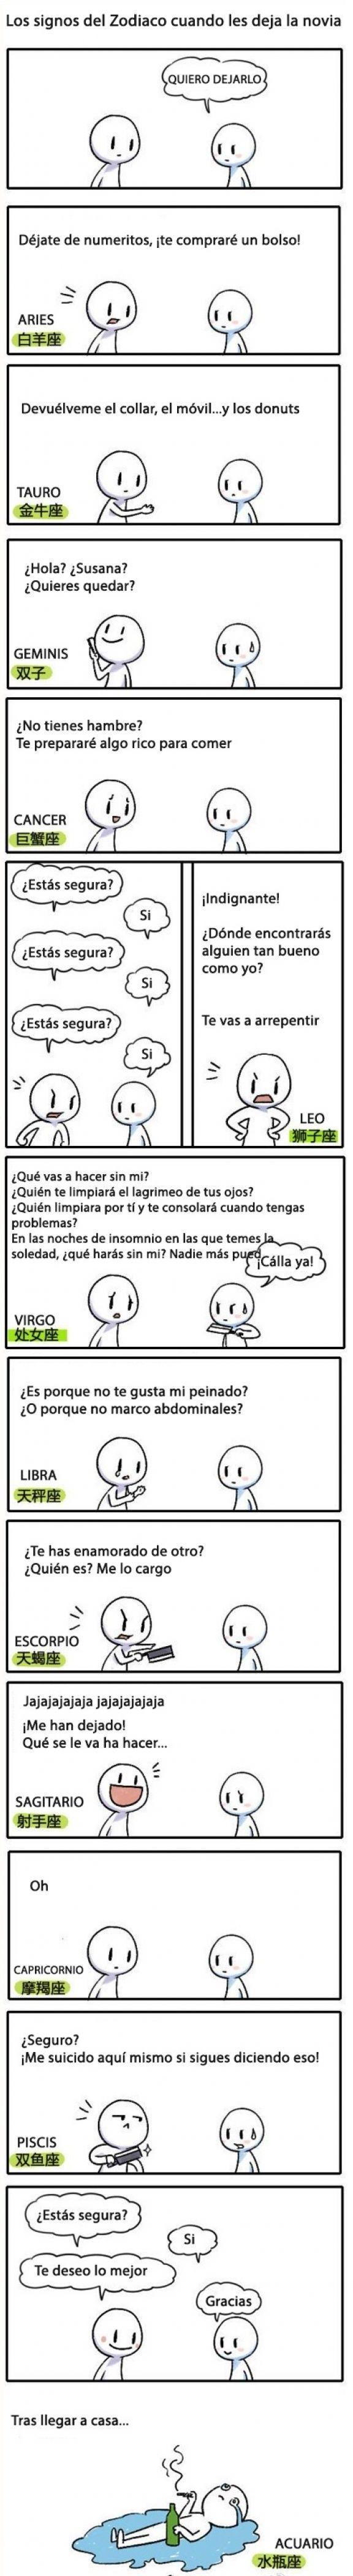 Los signos del Zodiaco cuando les deja la novia - Humor - http://befamouss.forumfree.it/?t=70653349